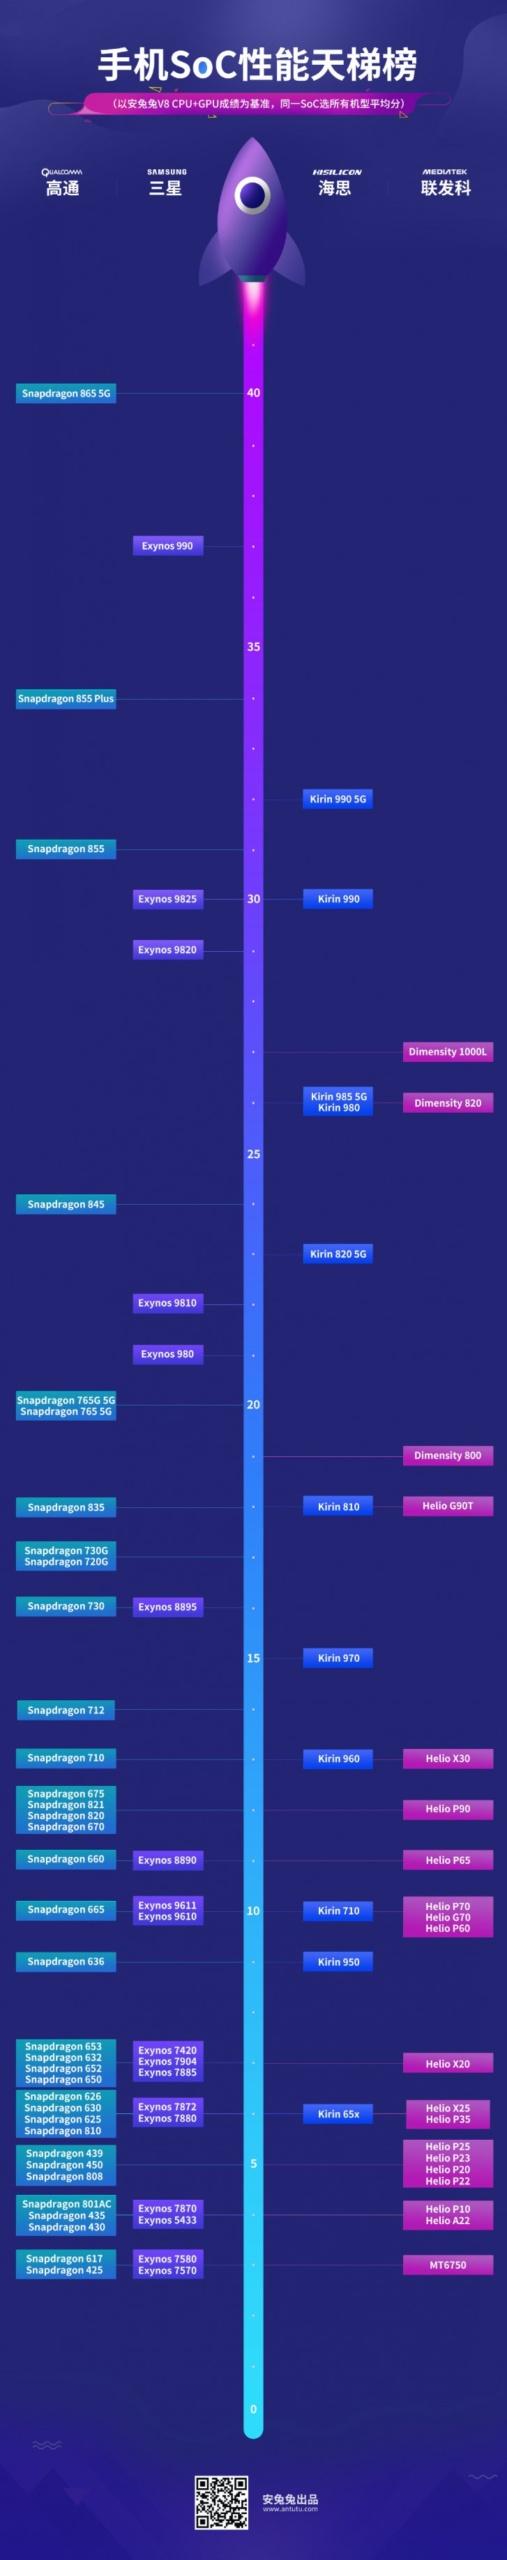 Новый график AnTuTu показывает сравнительную производительность чипсетов для Android-устройств